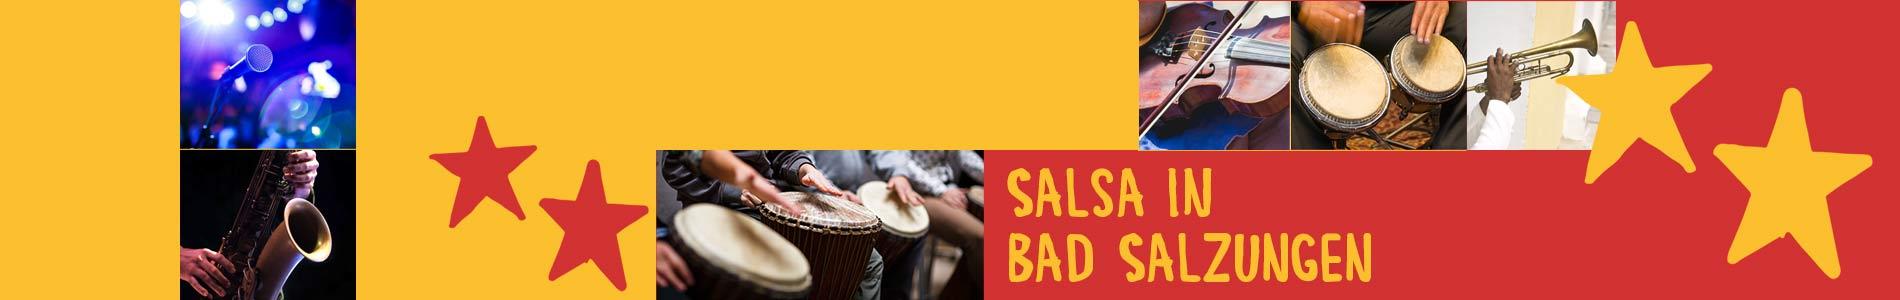 Salsa in Bad Salzungen – Salsa lernen und tanzen, Tanzkurse, Partys, Veranstaltungen